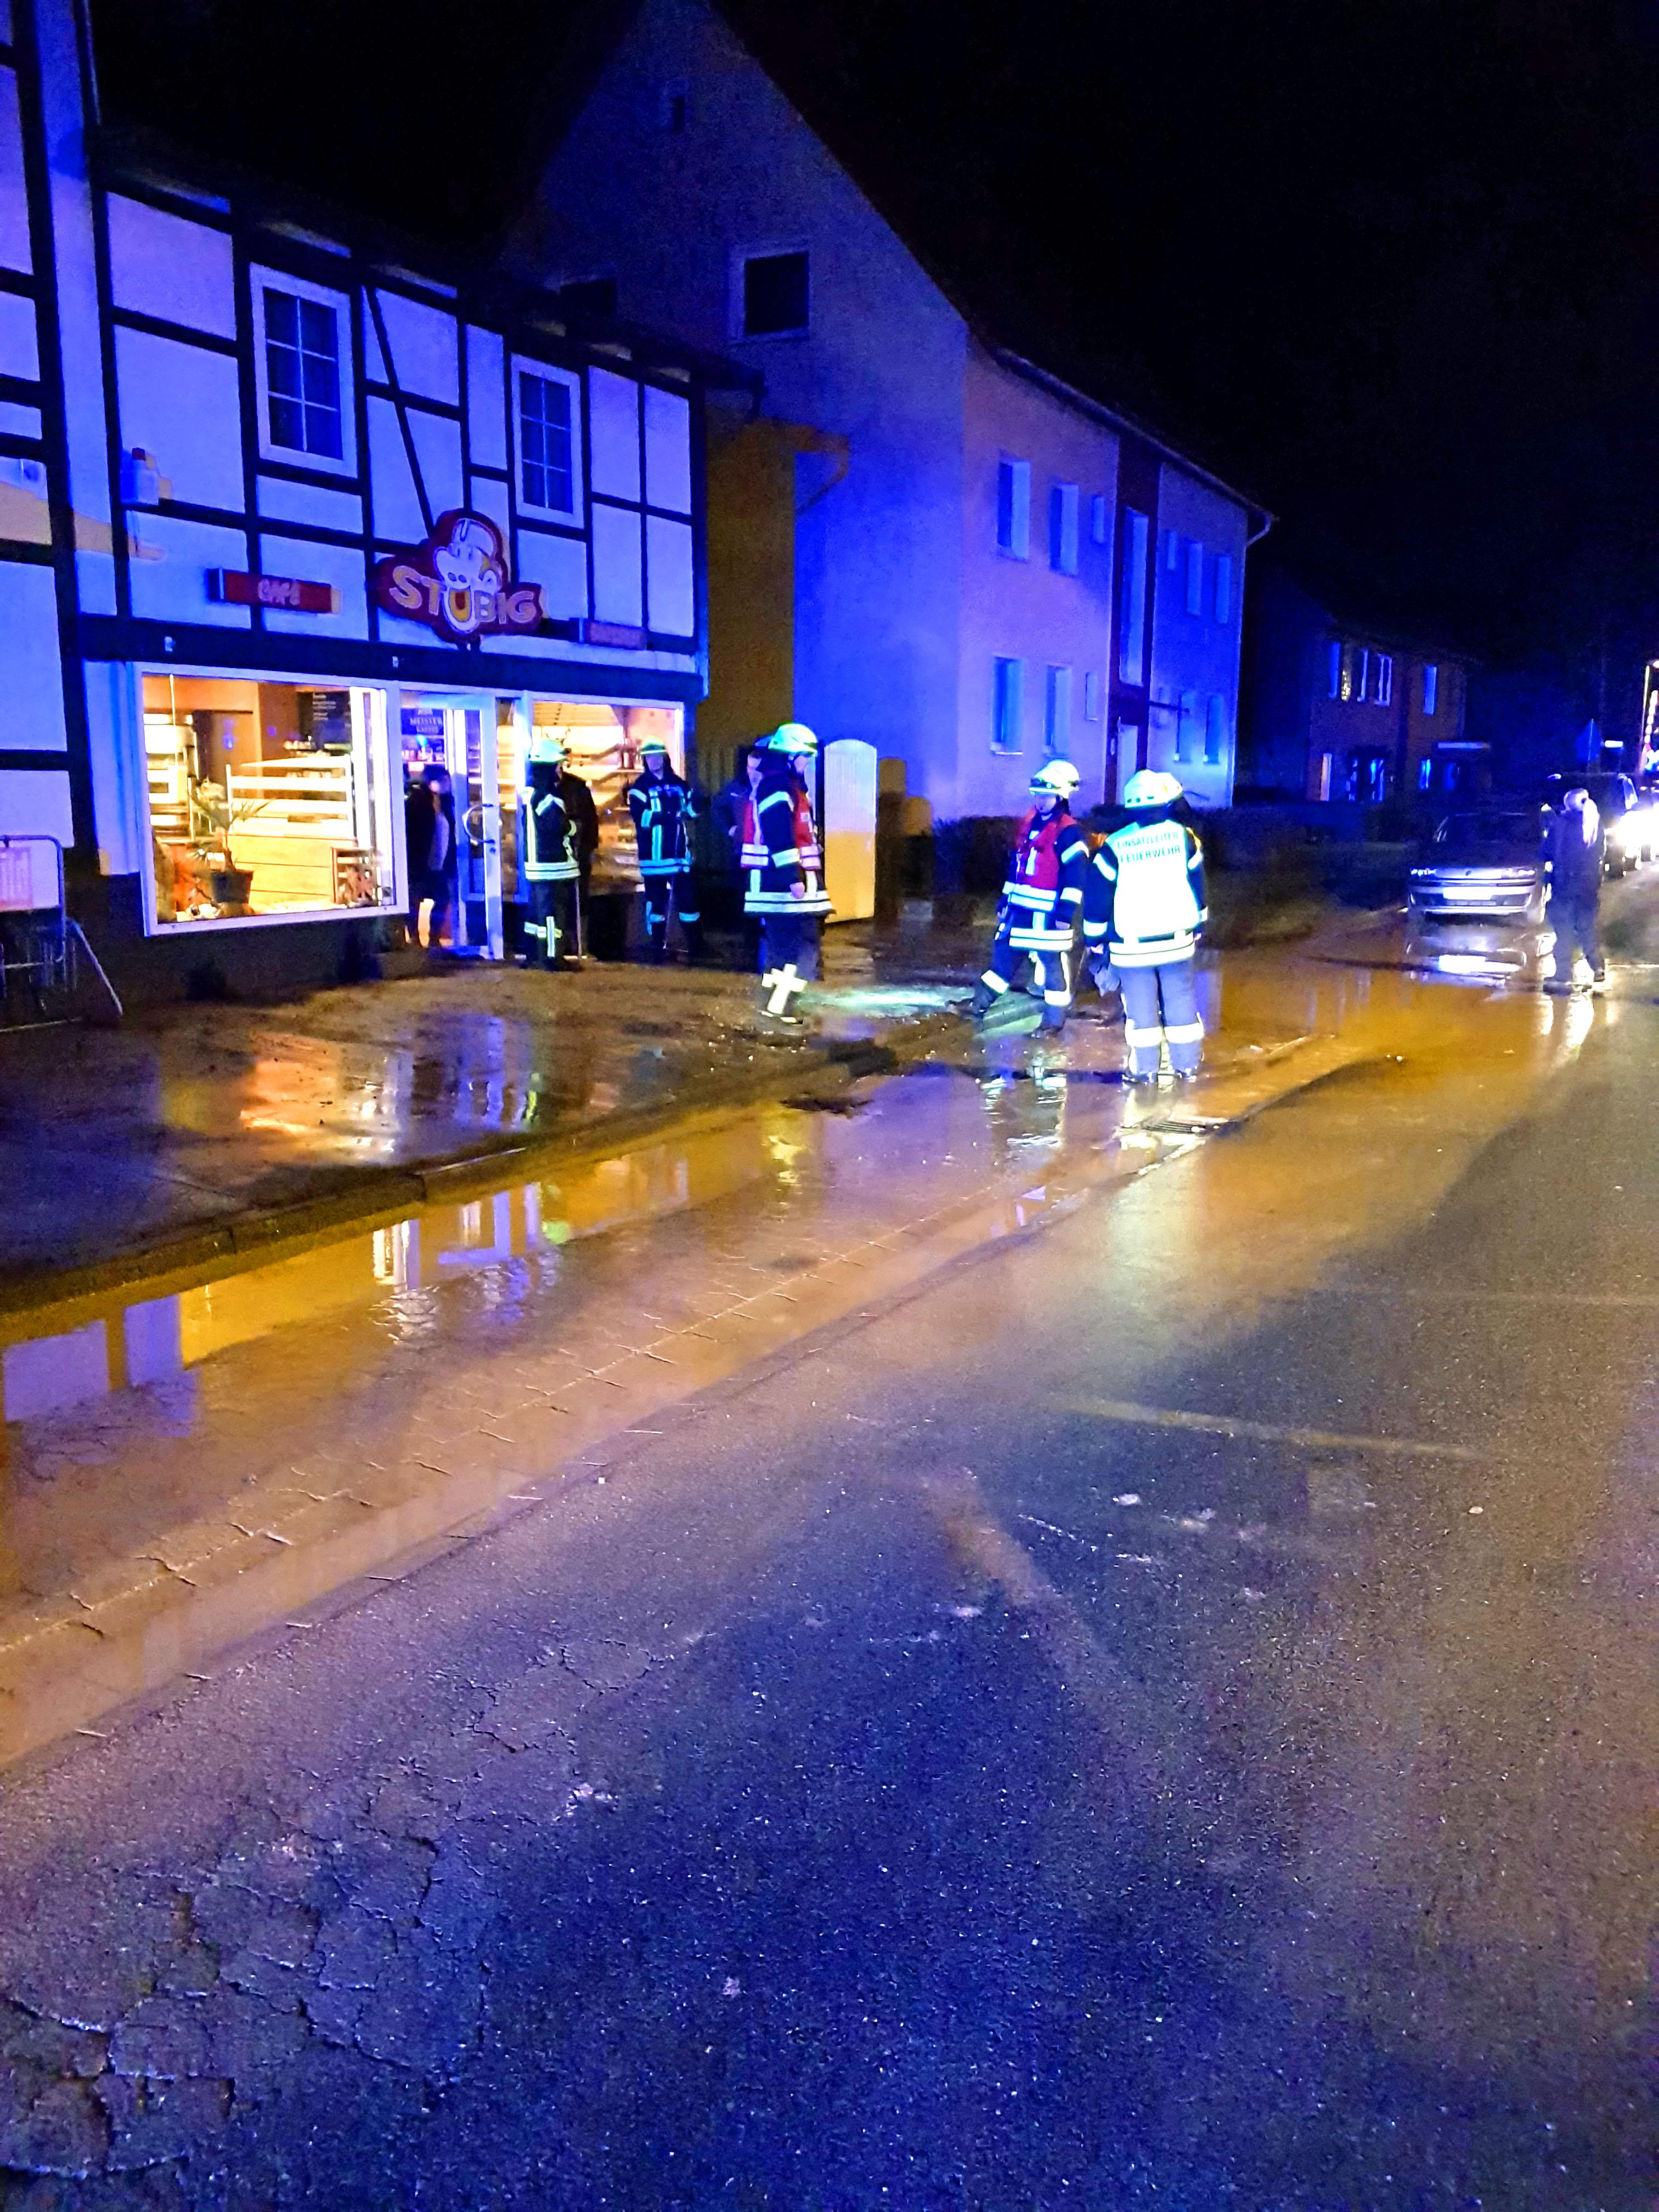 Geplatzte Hauptwasserleitung setzt Straße unter Wasser